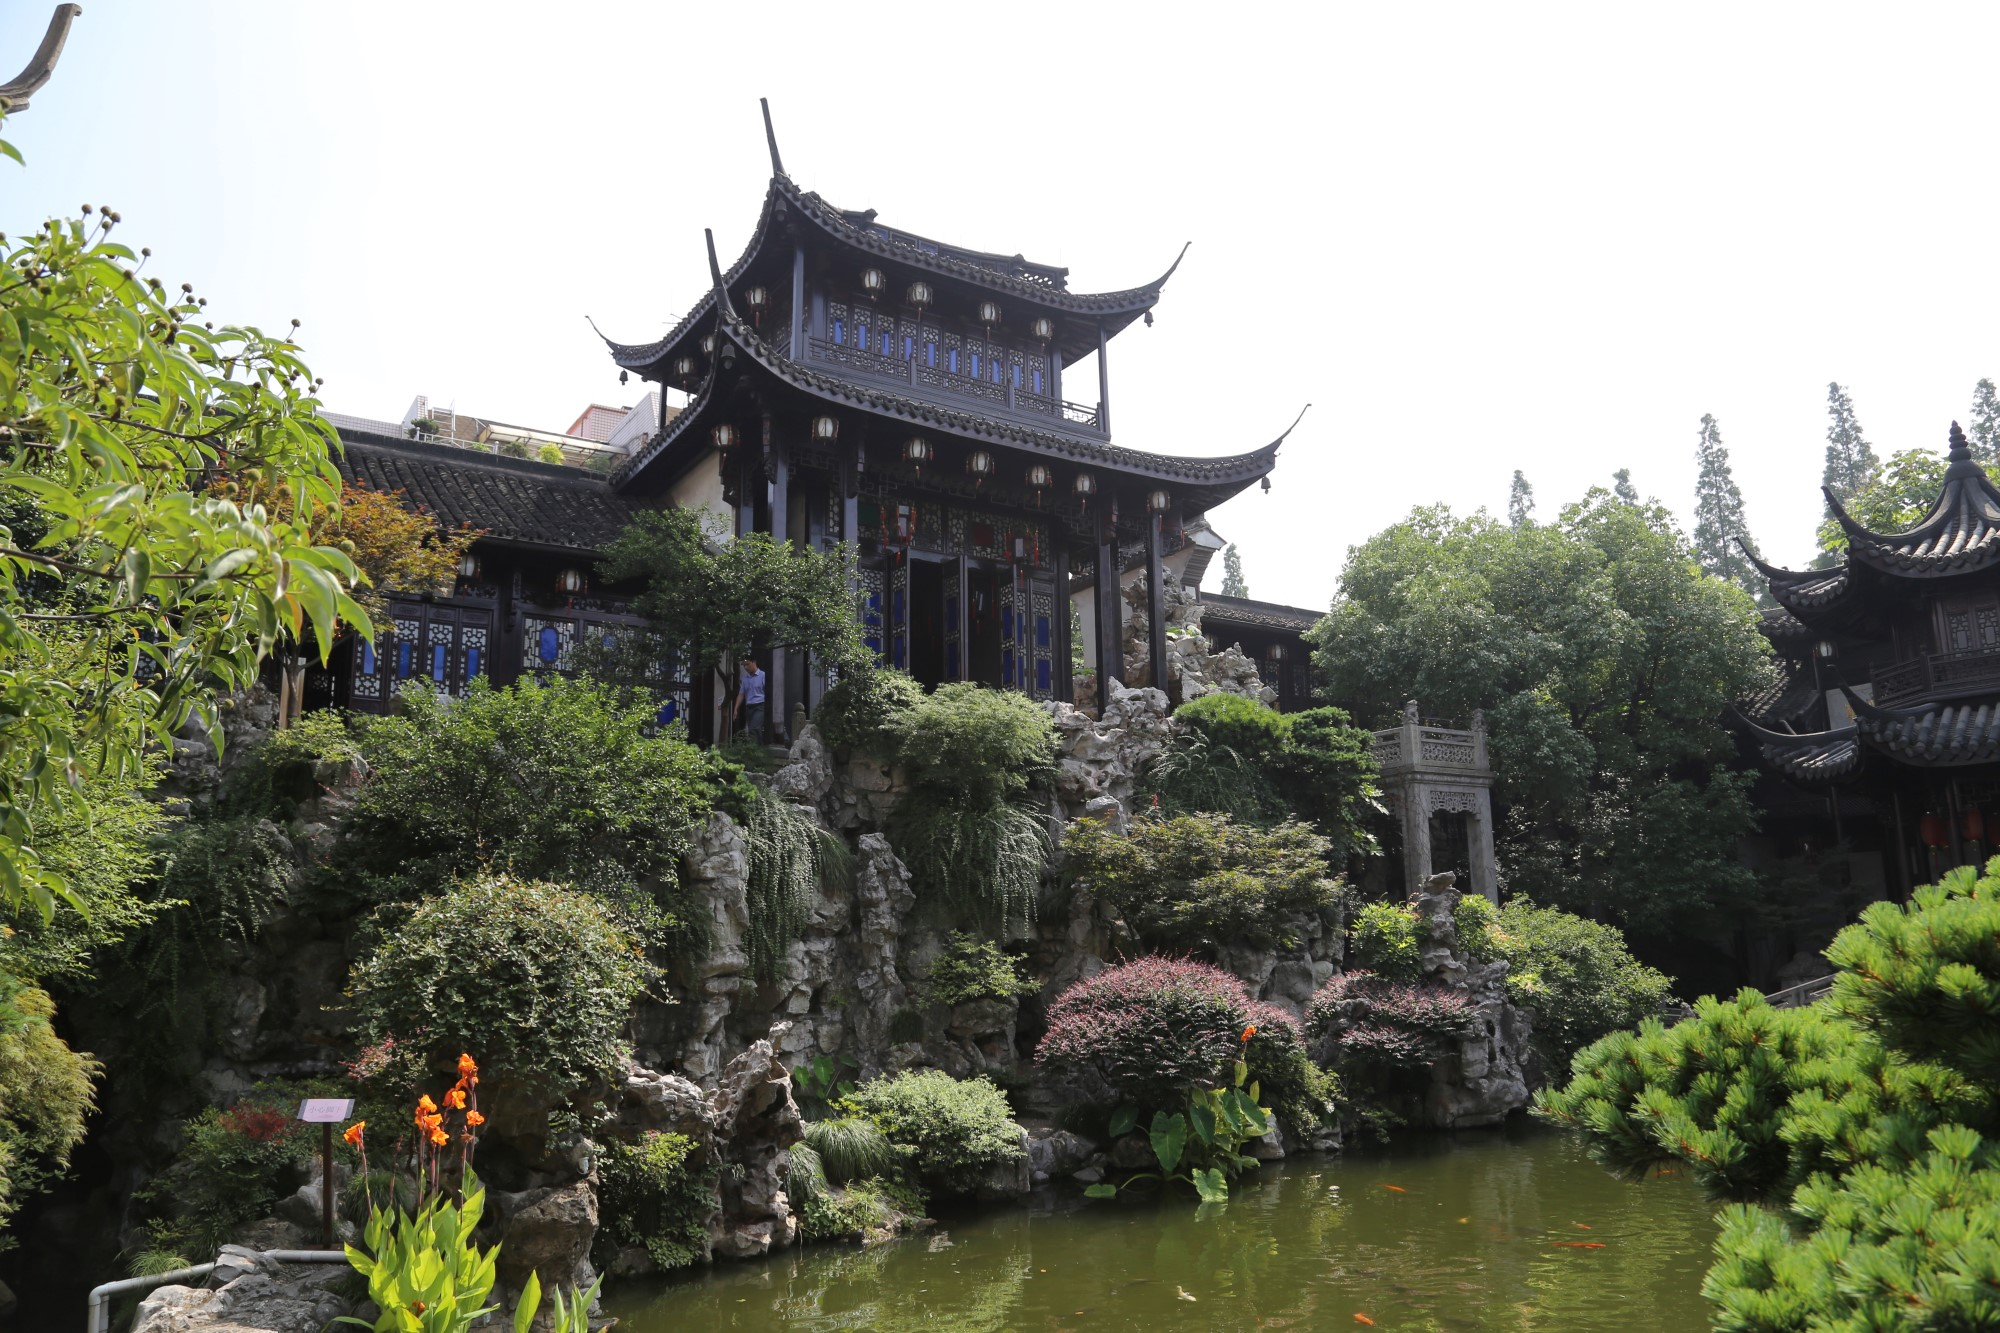 المعالم السياحية في هانغتشو